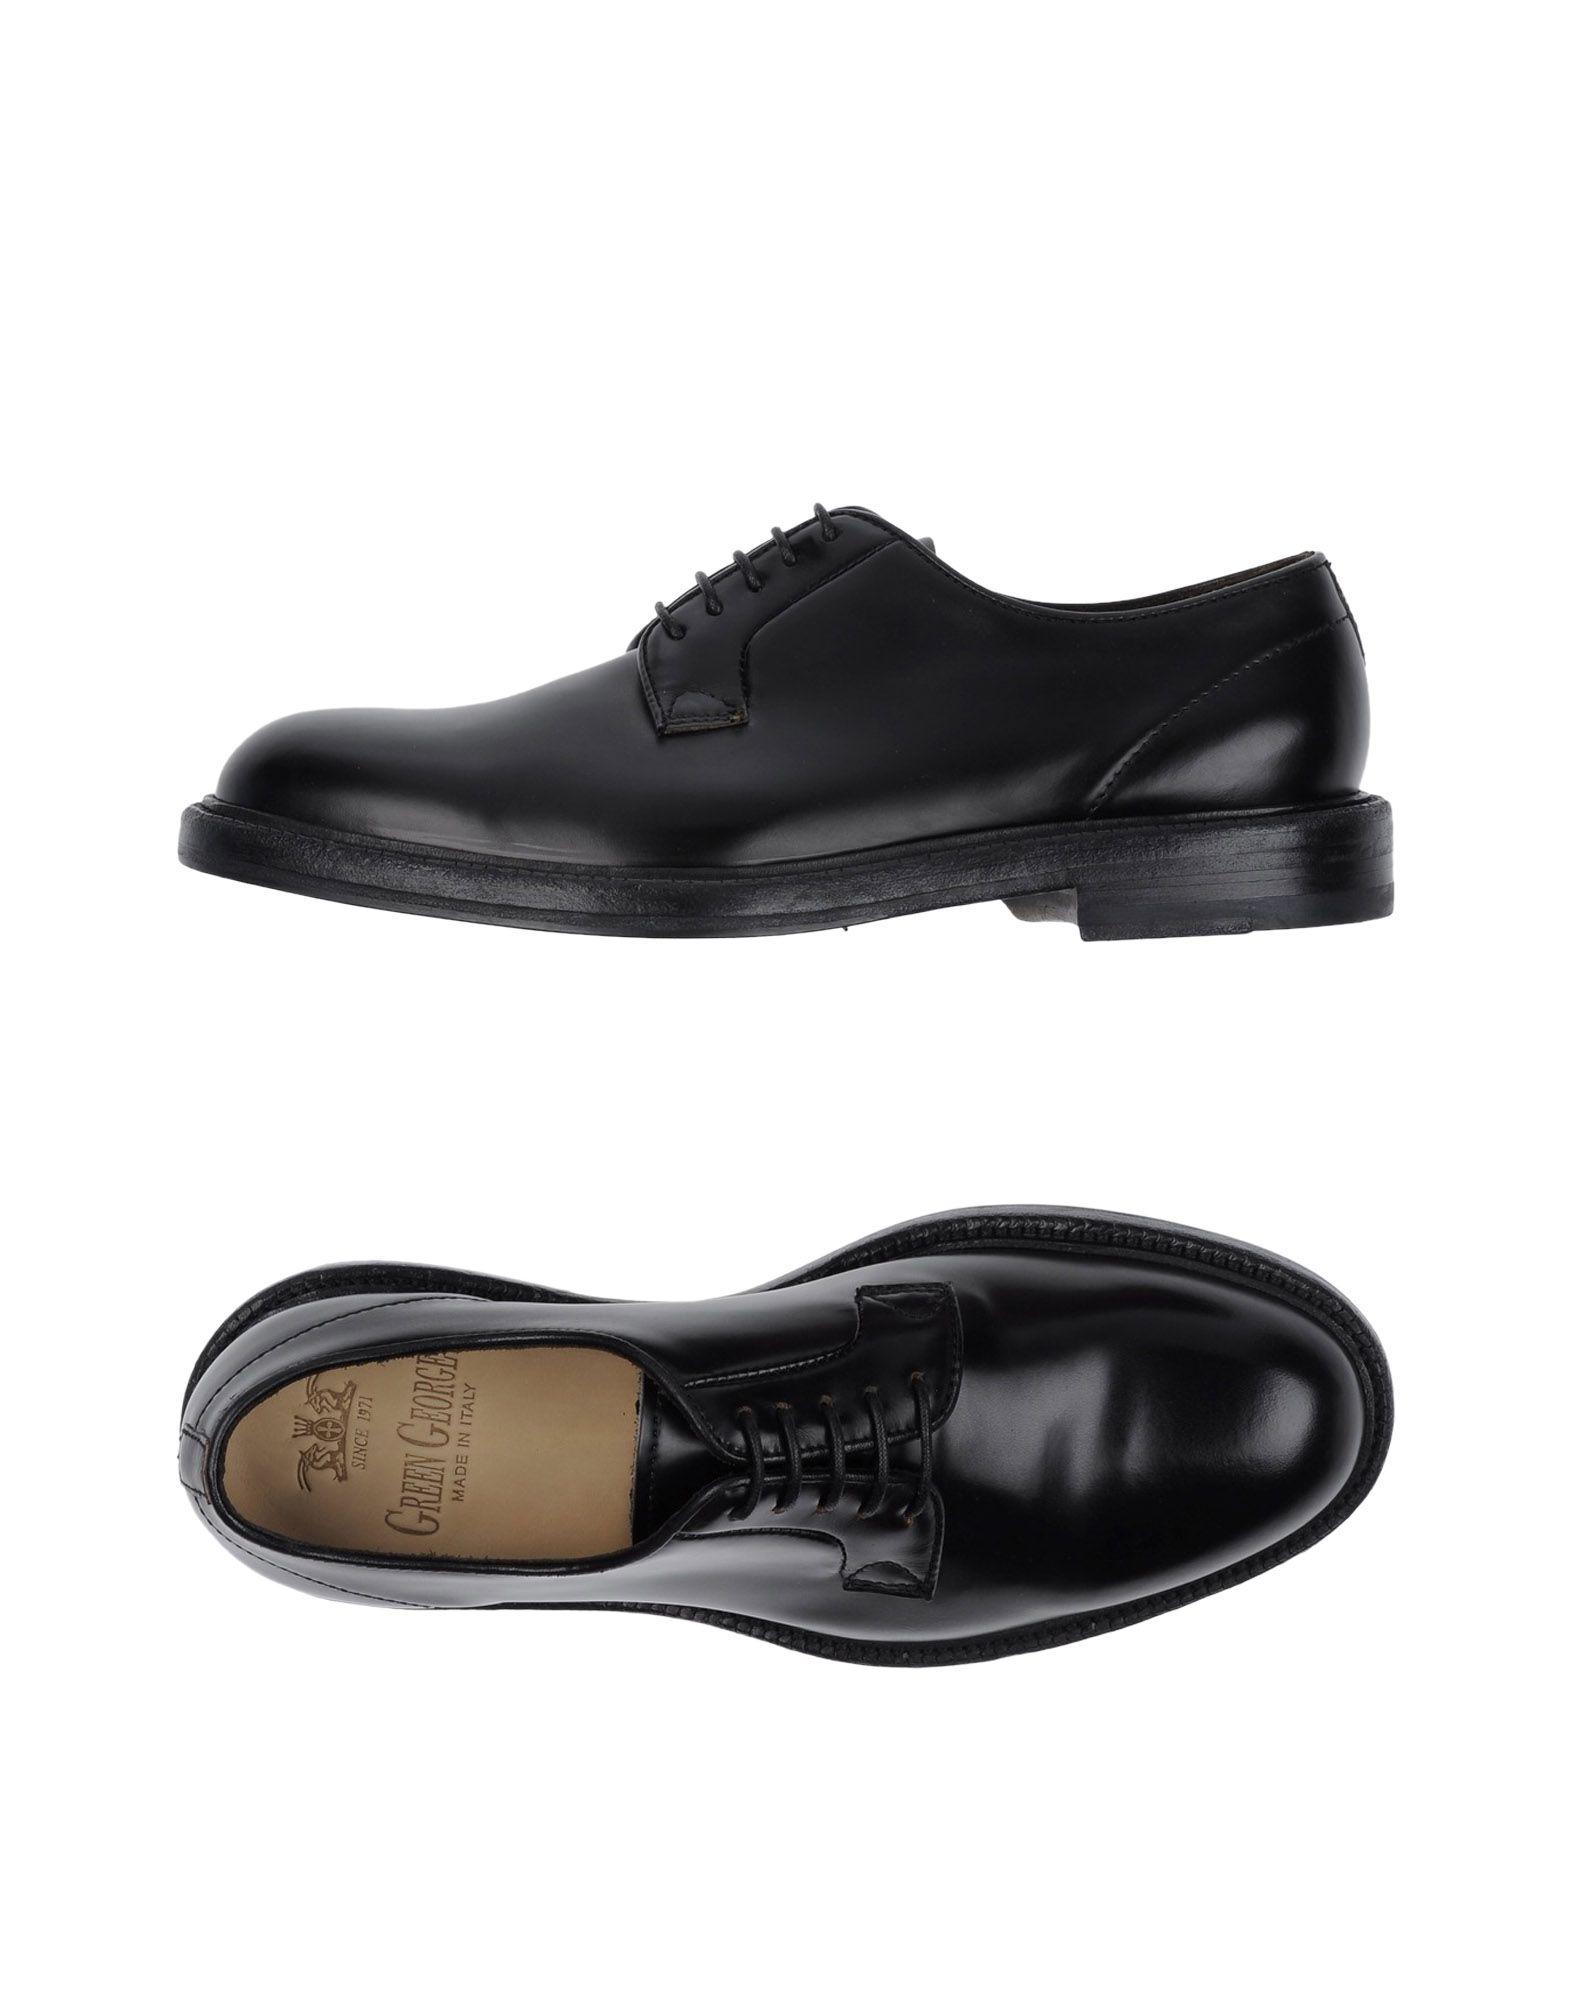 GREEN GEORGE Обувь на шнурках первый внутри обувь обувь обувь обувь обувь обувь обувь обувь обувь 8a2549 мужская армия green 40 метров